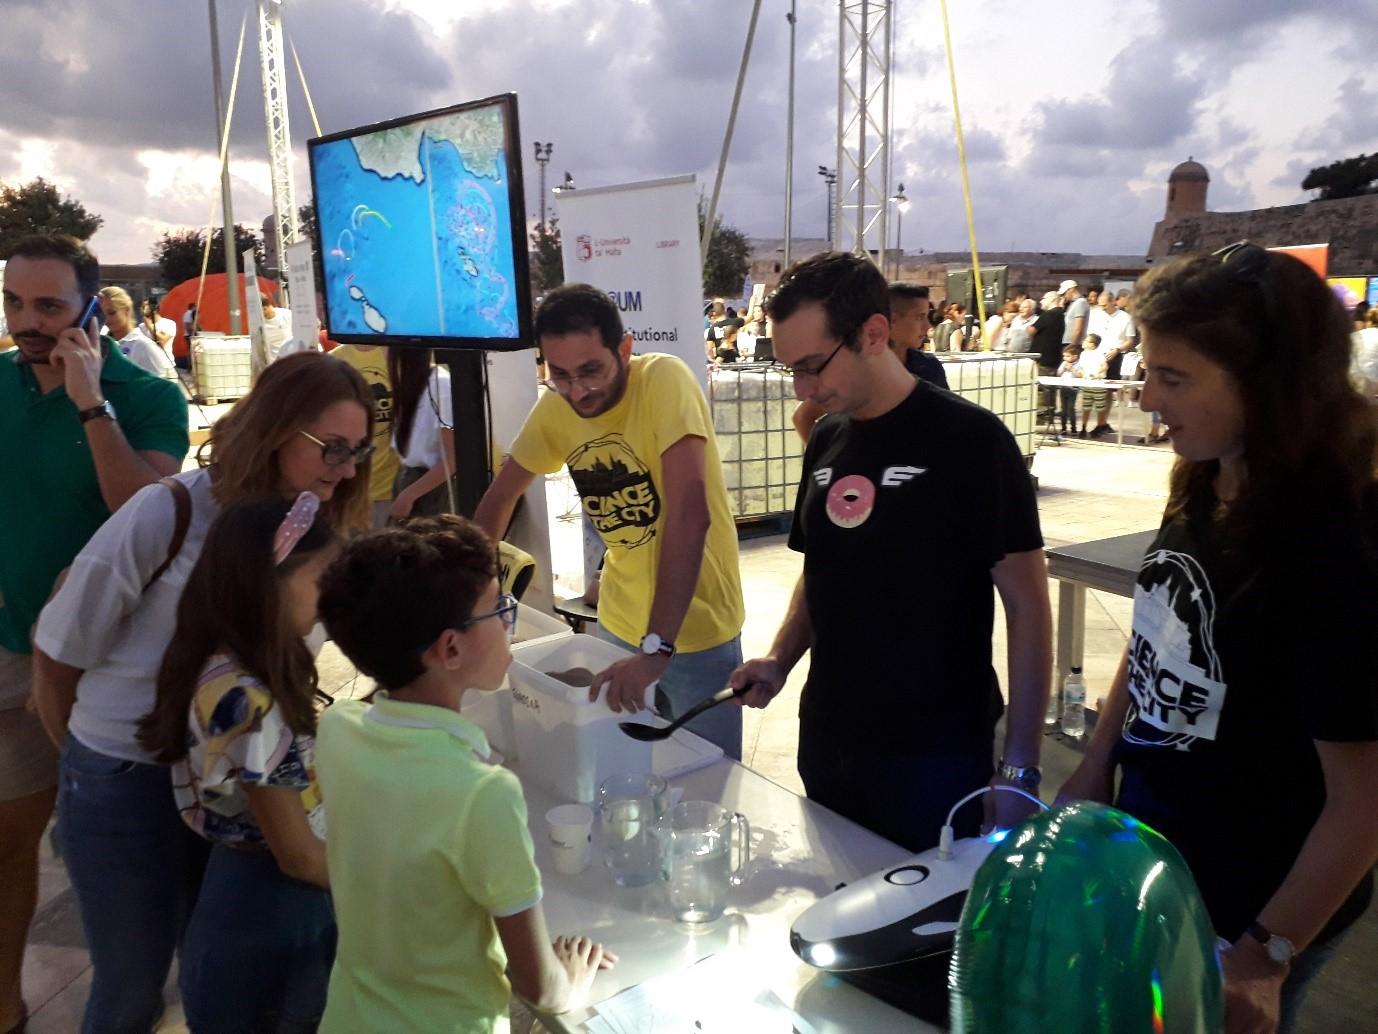 Describing oceanography to young scientists